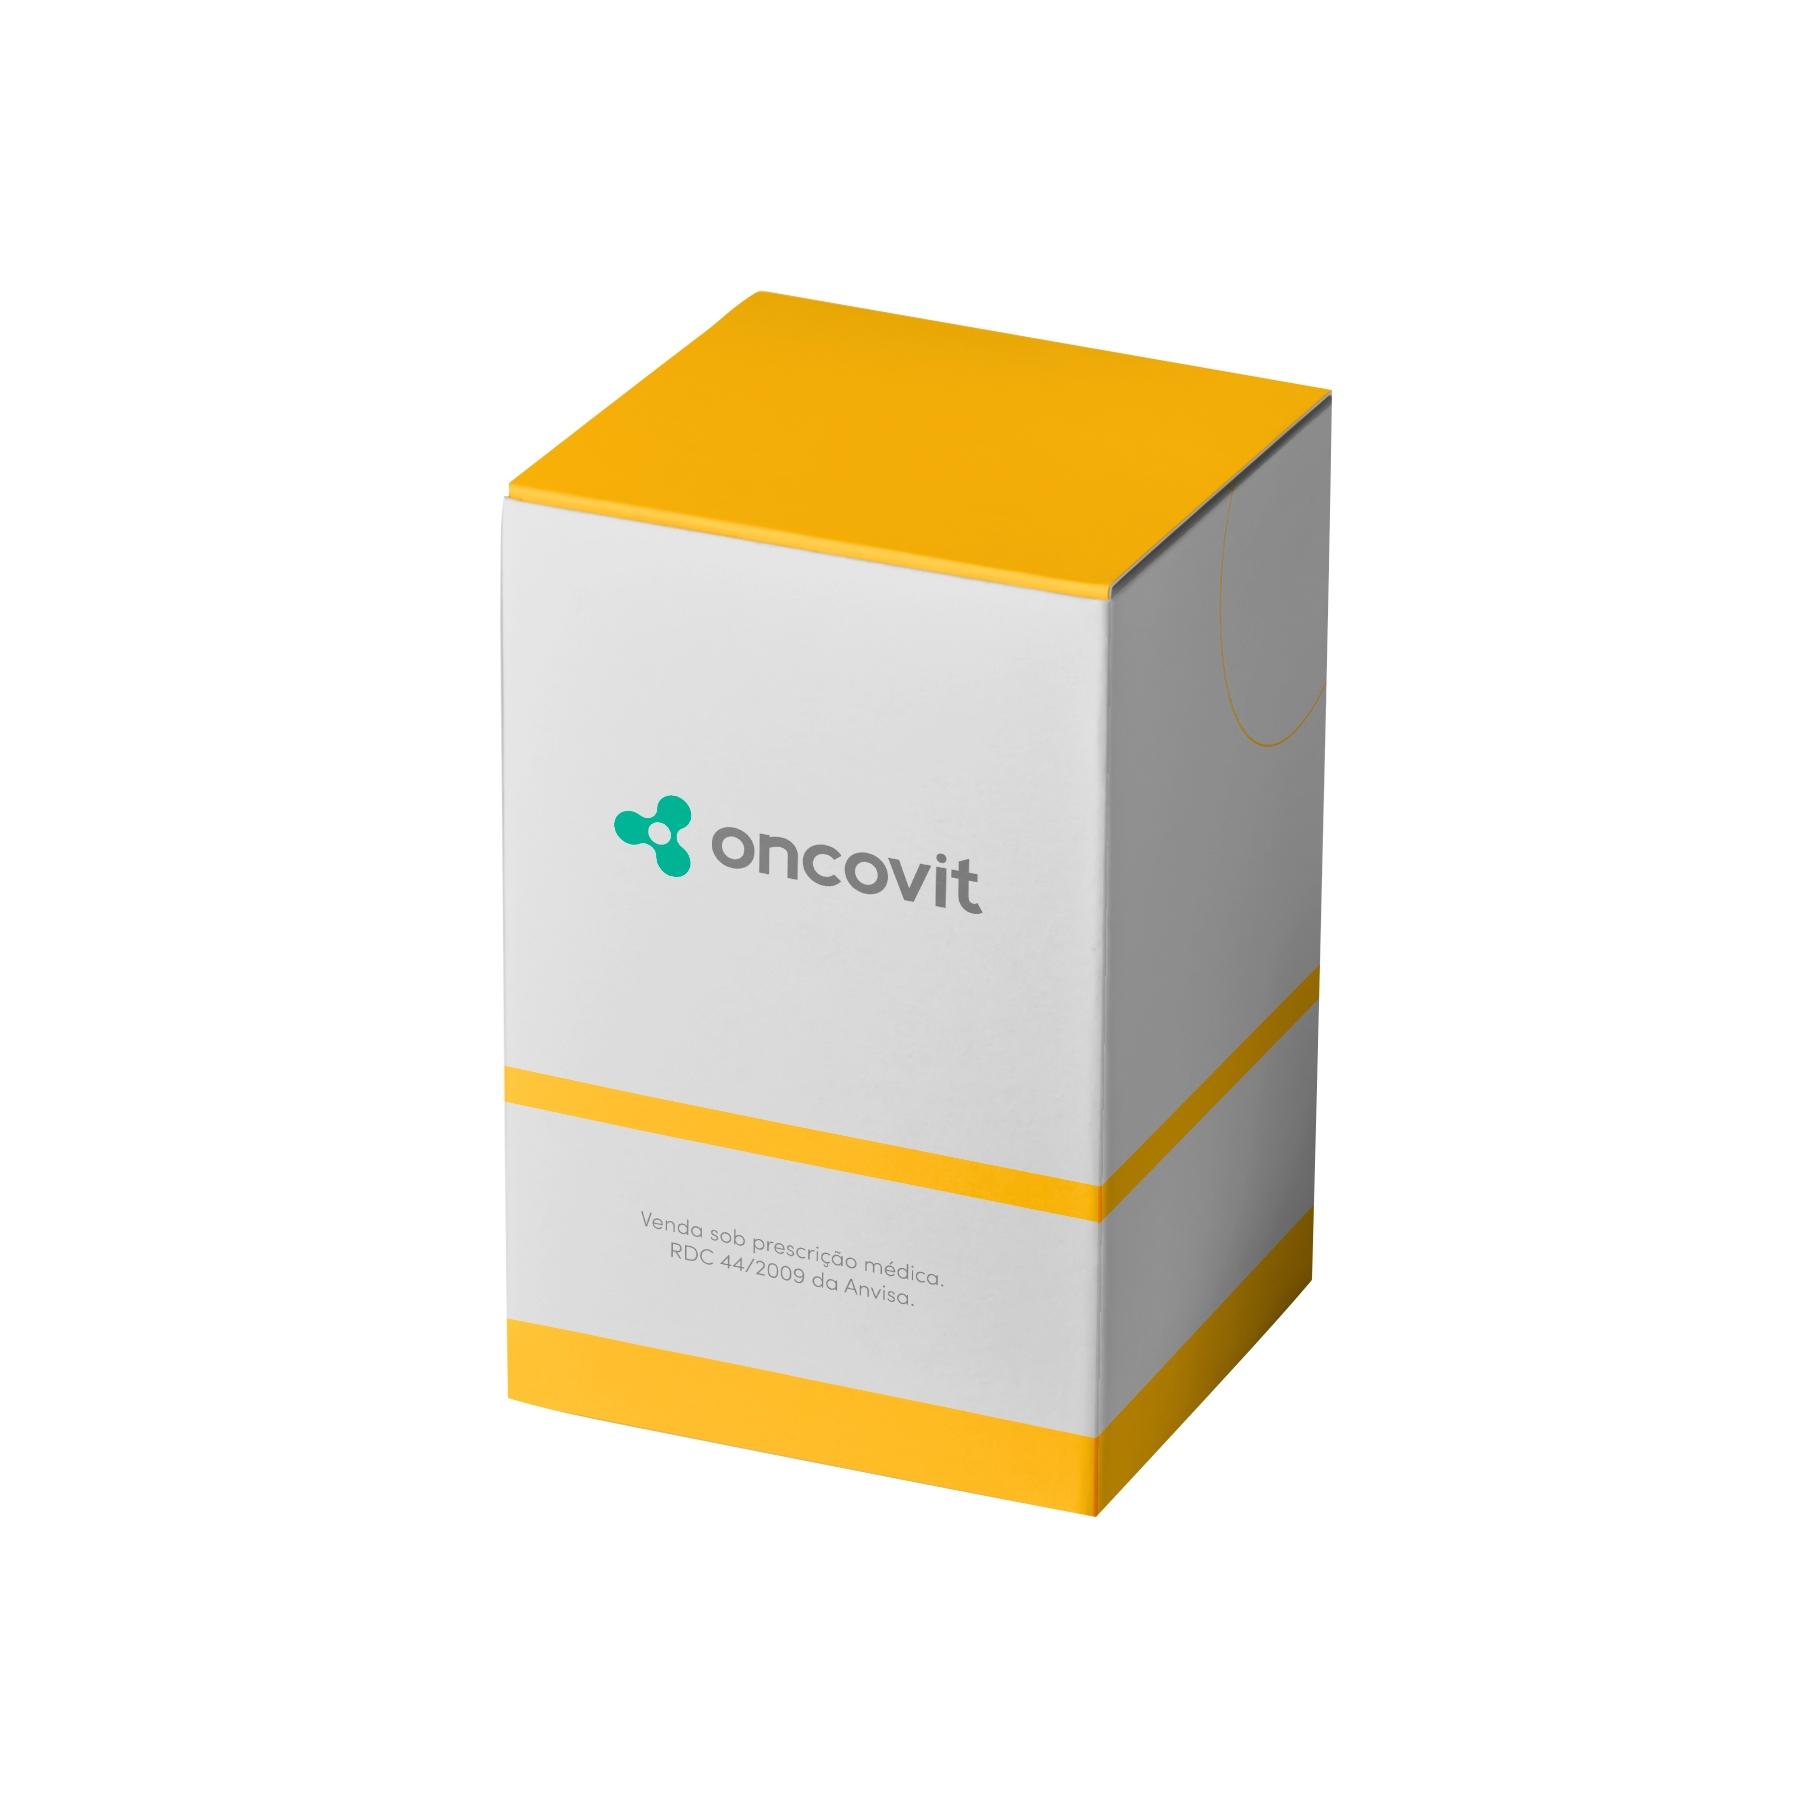 Ferinject 50mg/mL caixa com 1 ampola com 10mL de solução de uso intravenoso